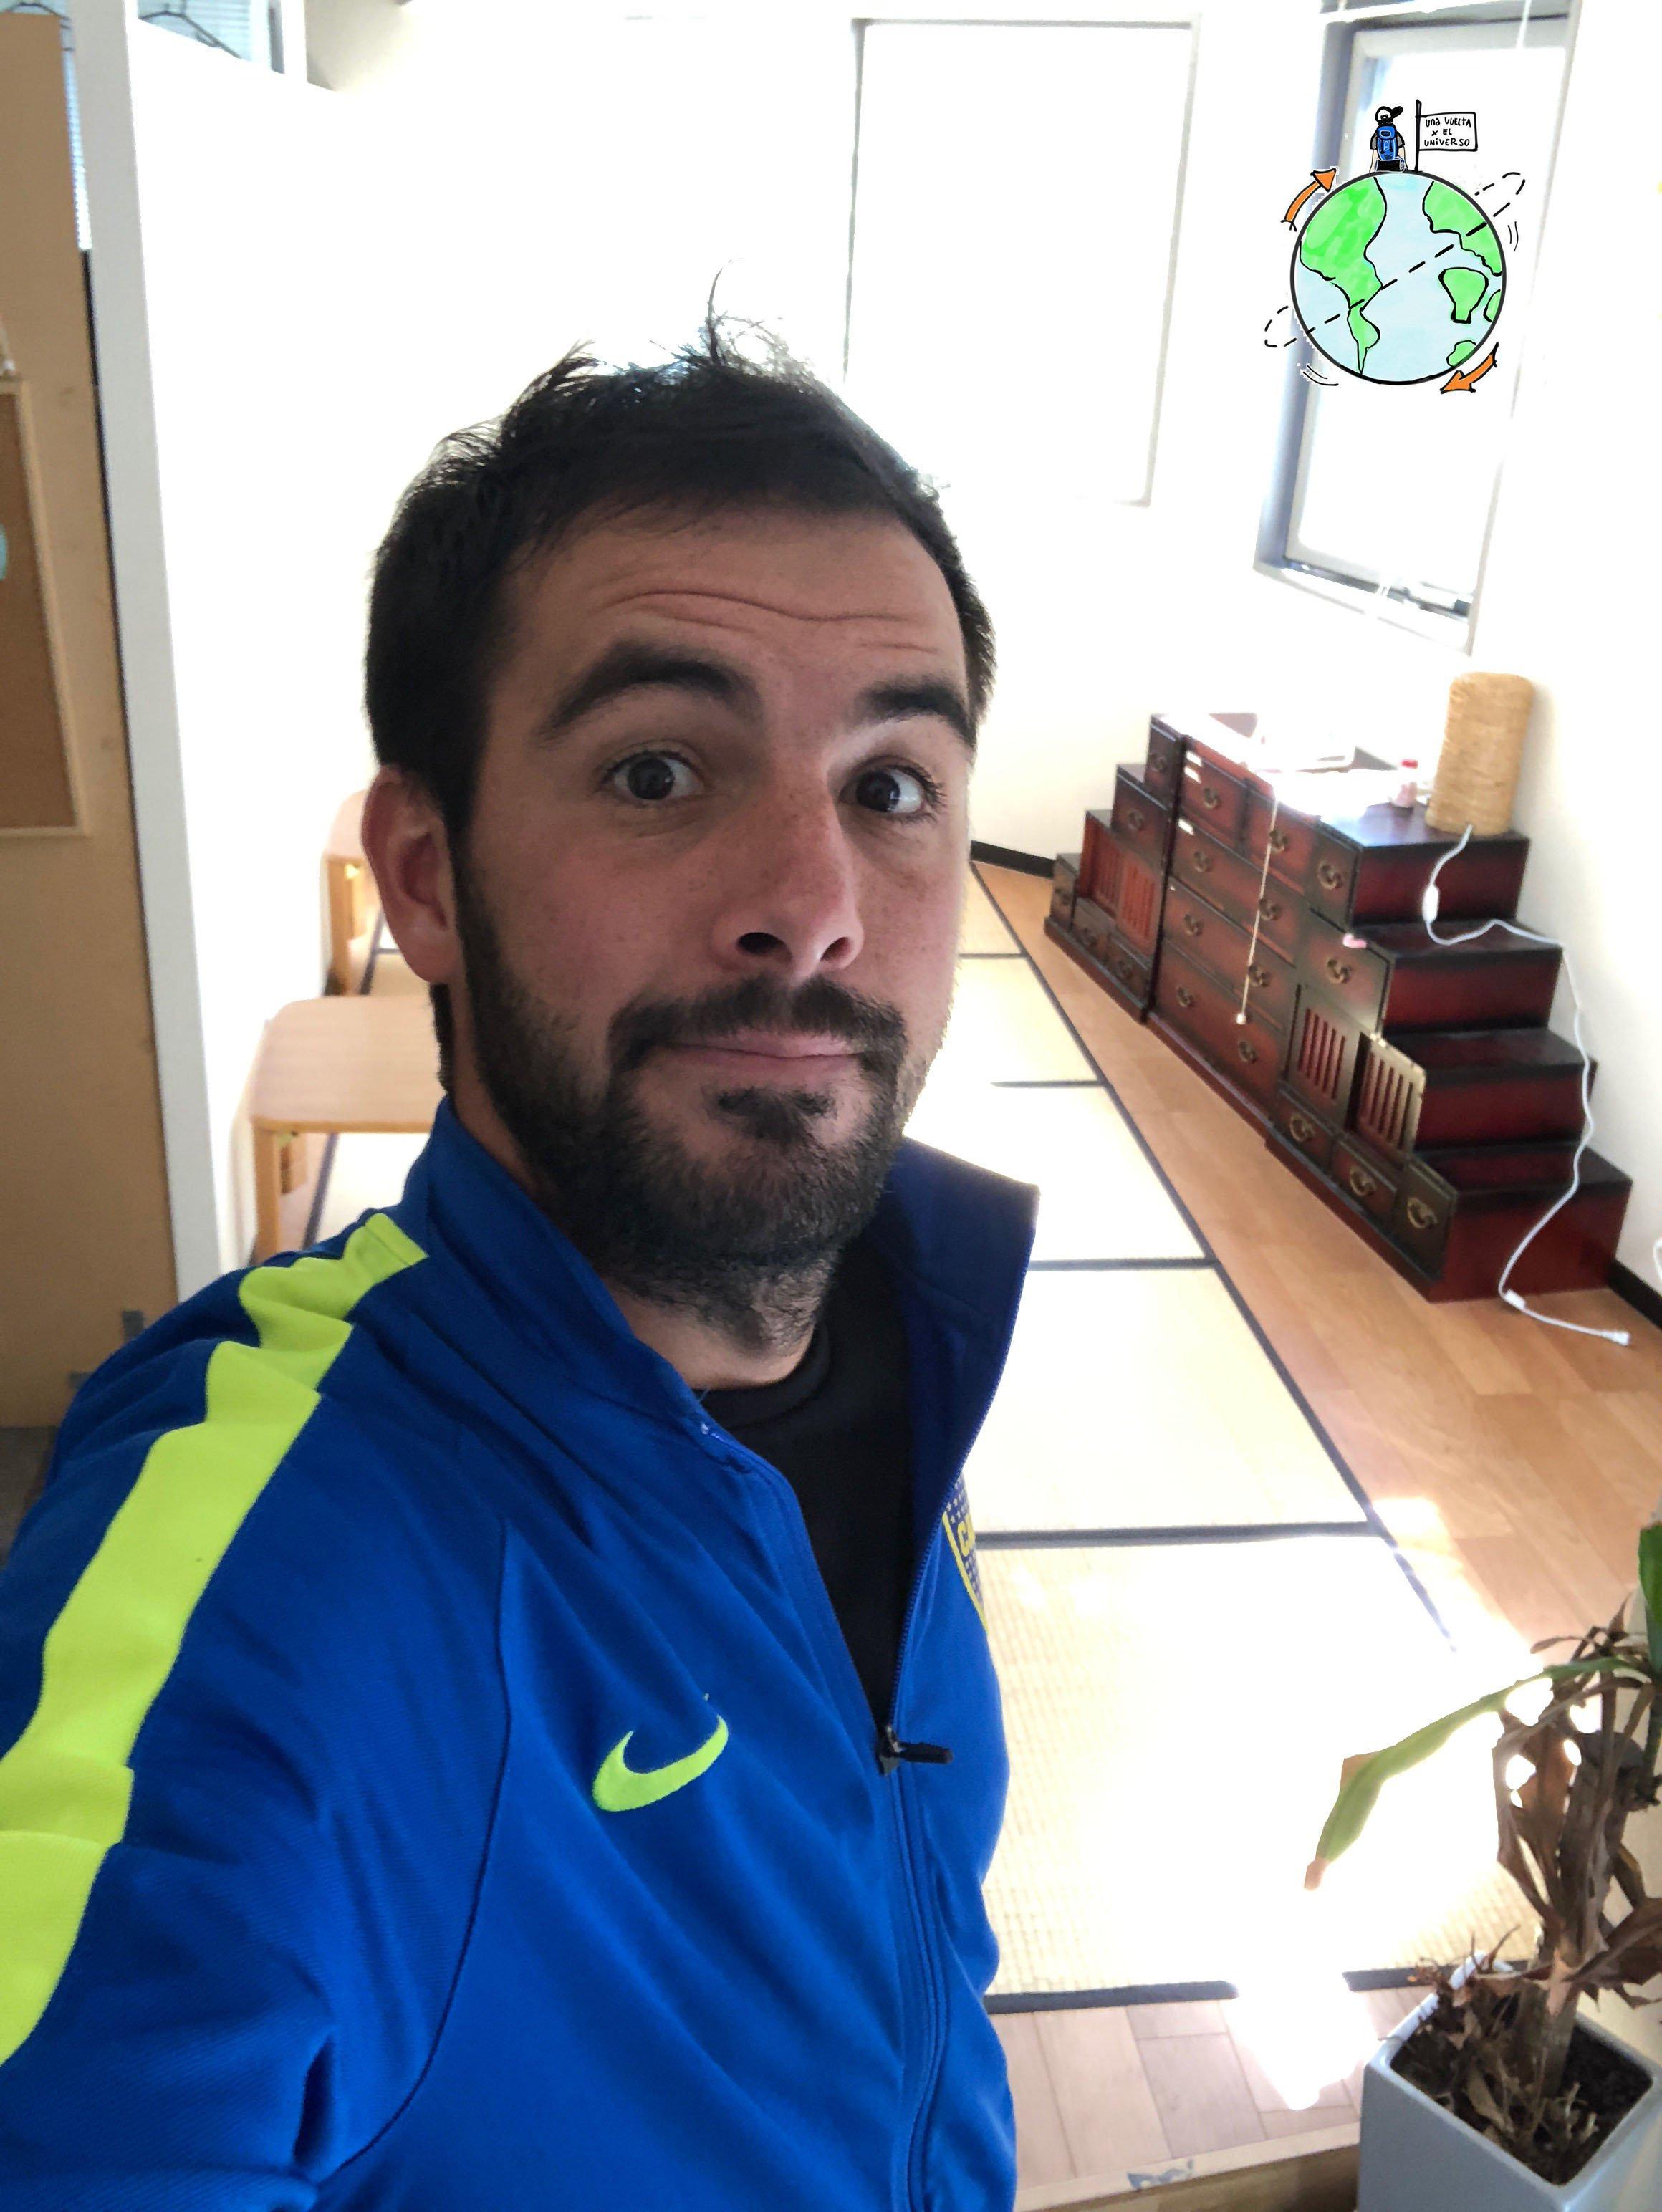 En Fukuoka, Japón, vi a Boca campeón en un hostel. Nadie entendía porque gritaba tanto